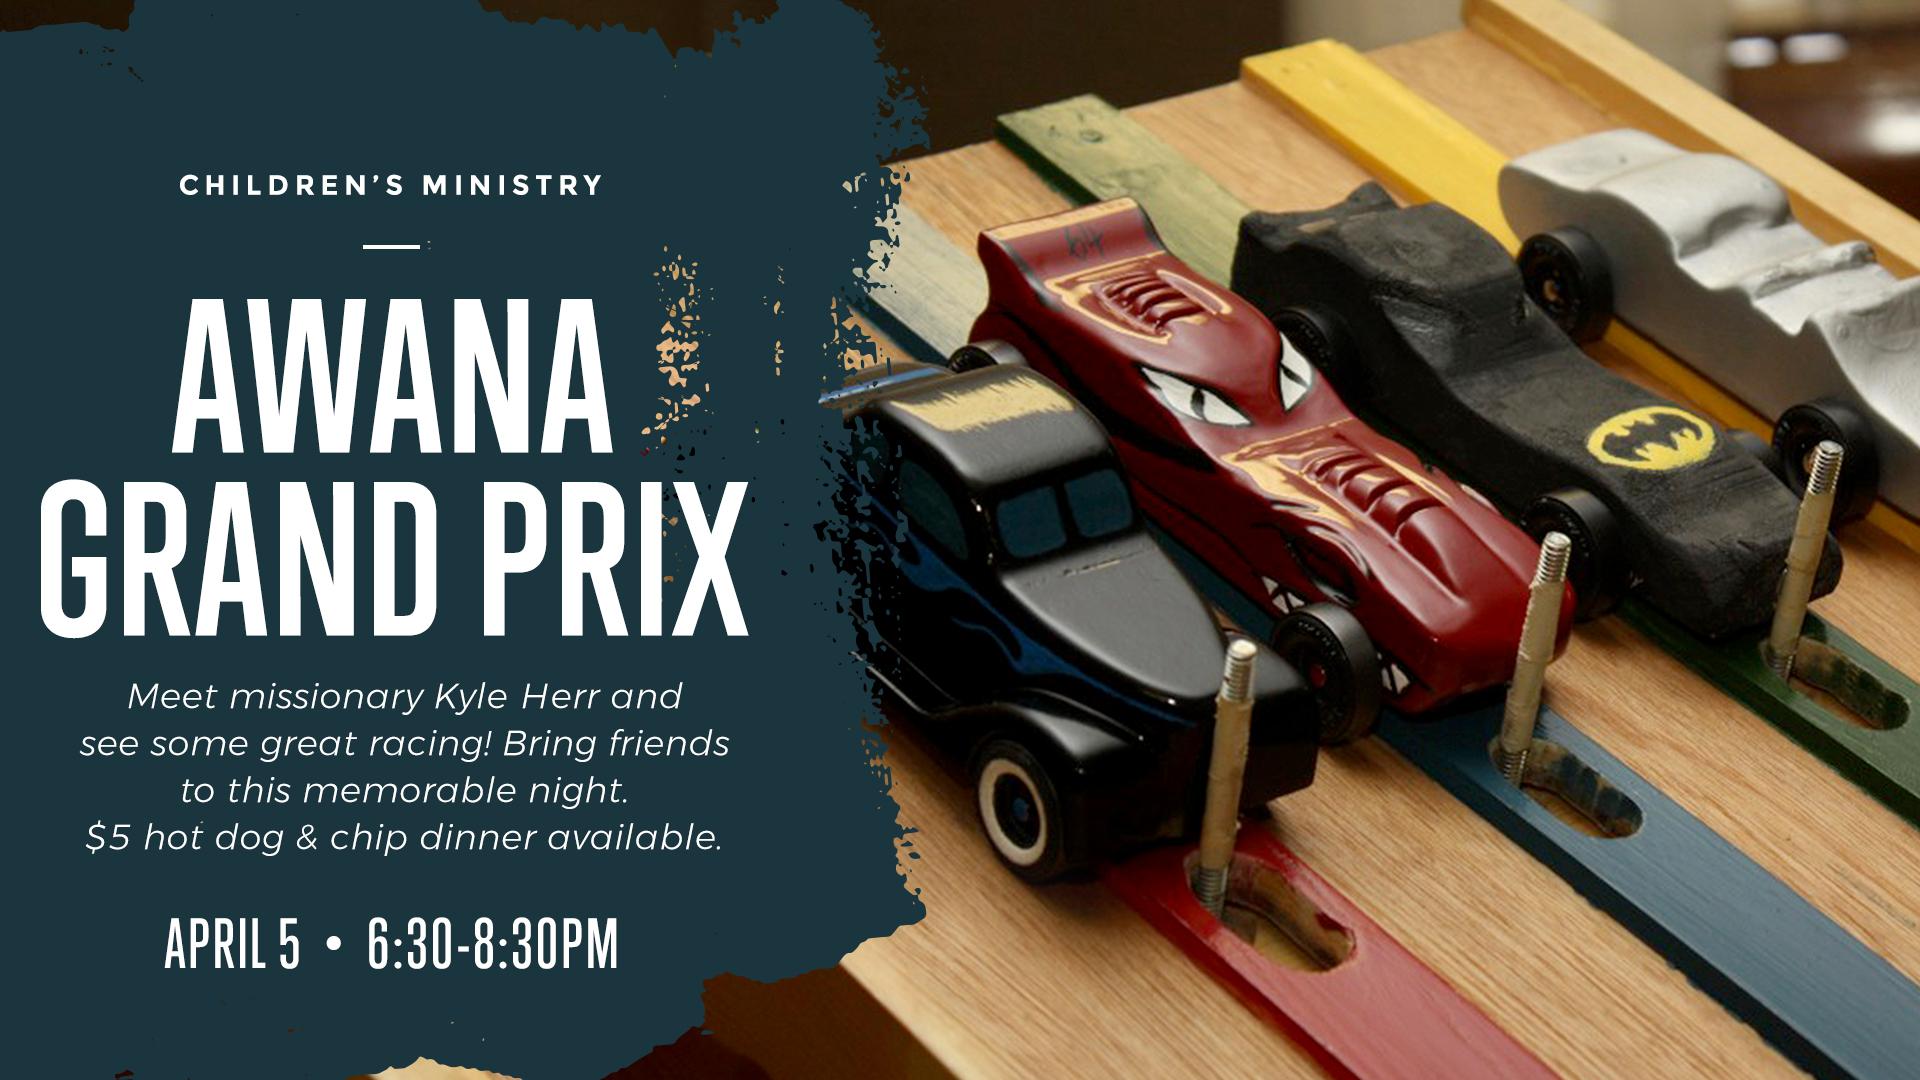 Awana Grand Prix AS.jpg